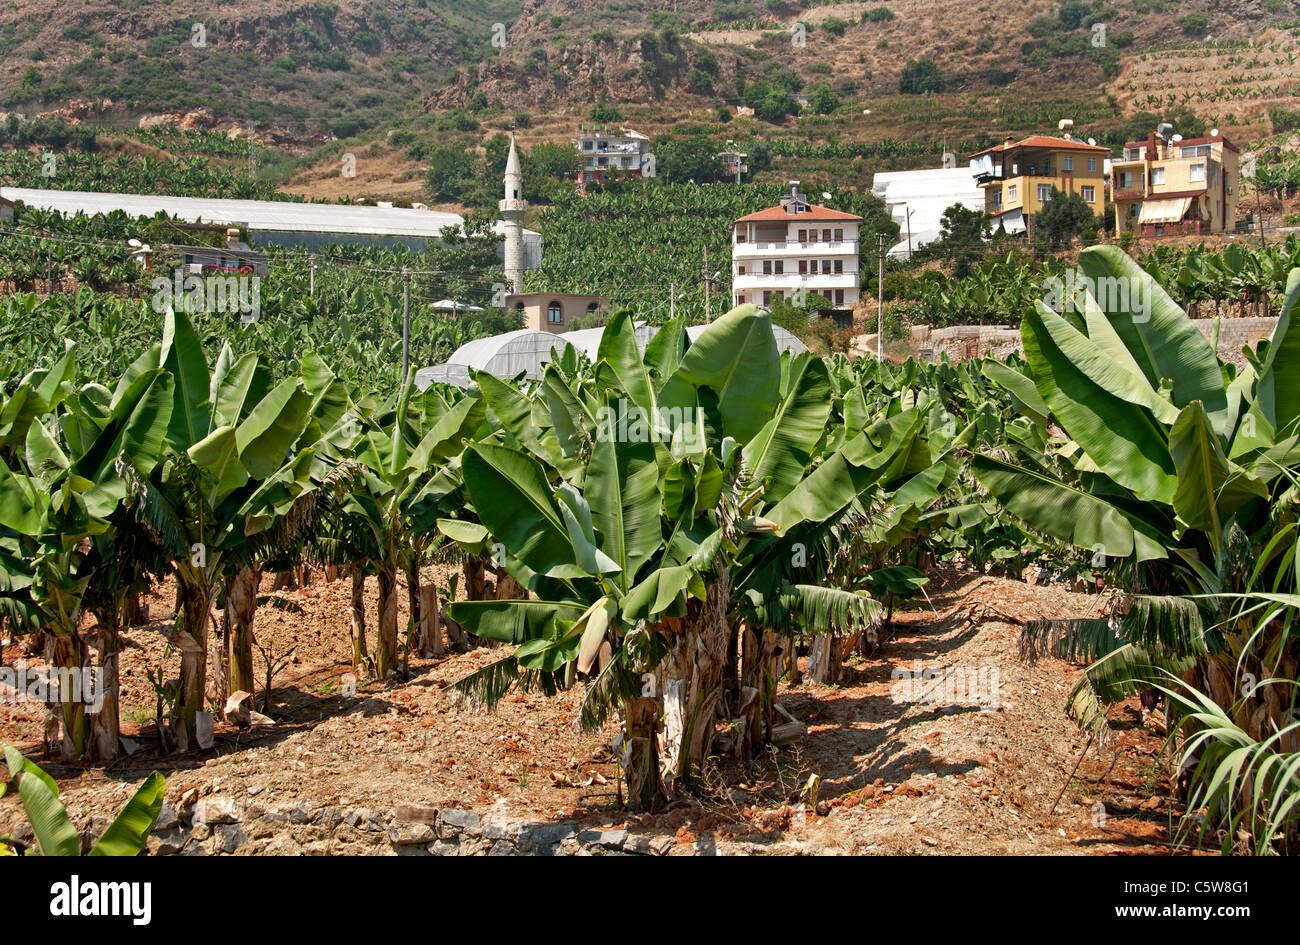 El sur de Turquía banana tree farm bananas agricultor árboles entre Antalya y Alanya Foto de stock